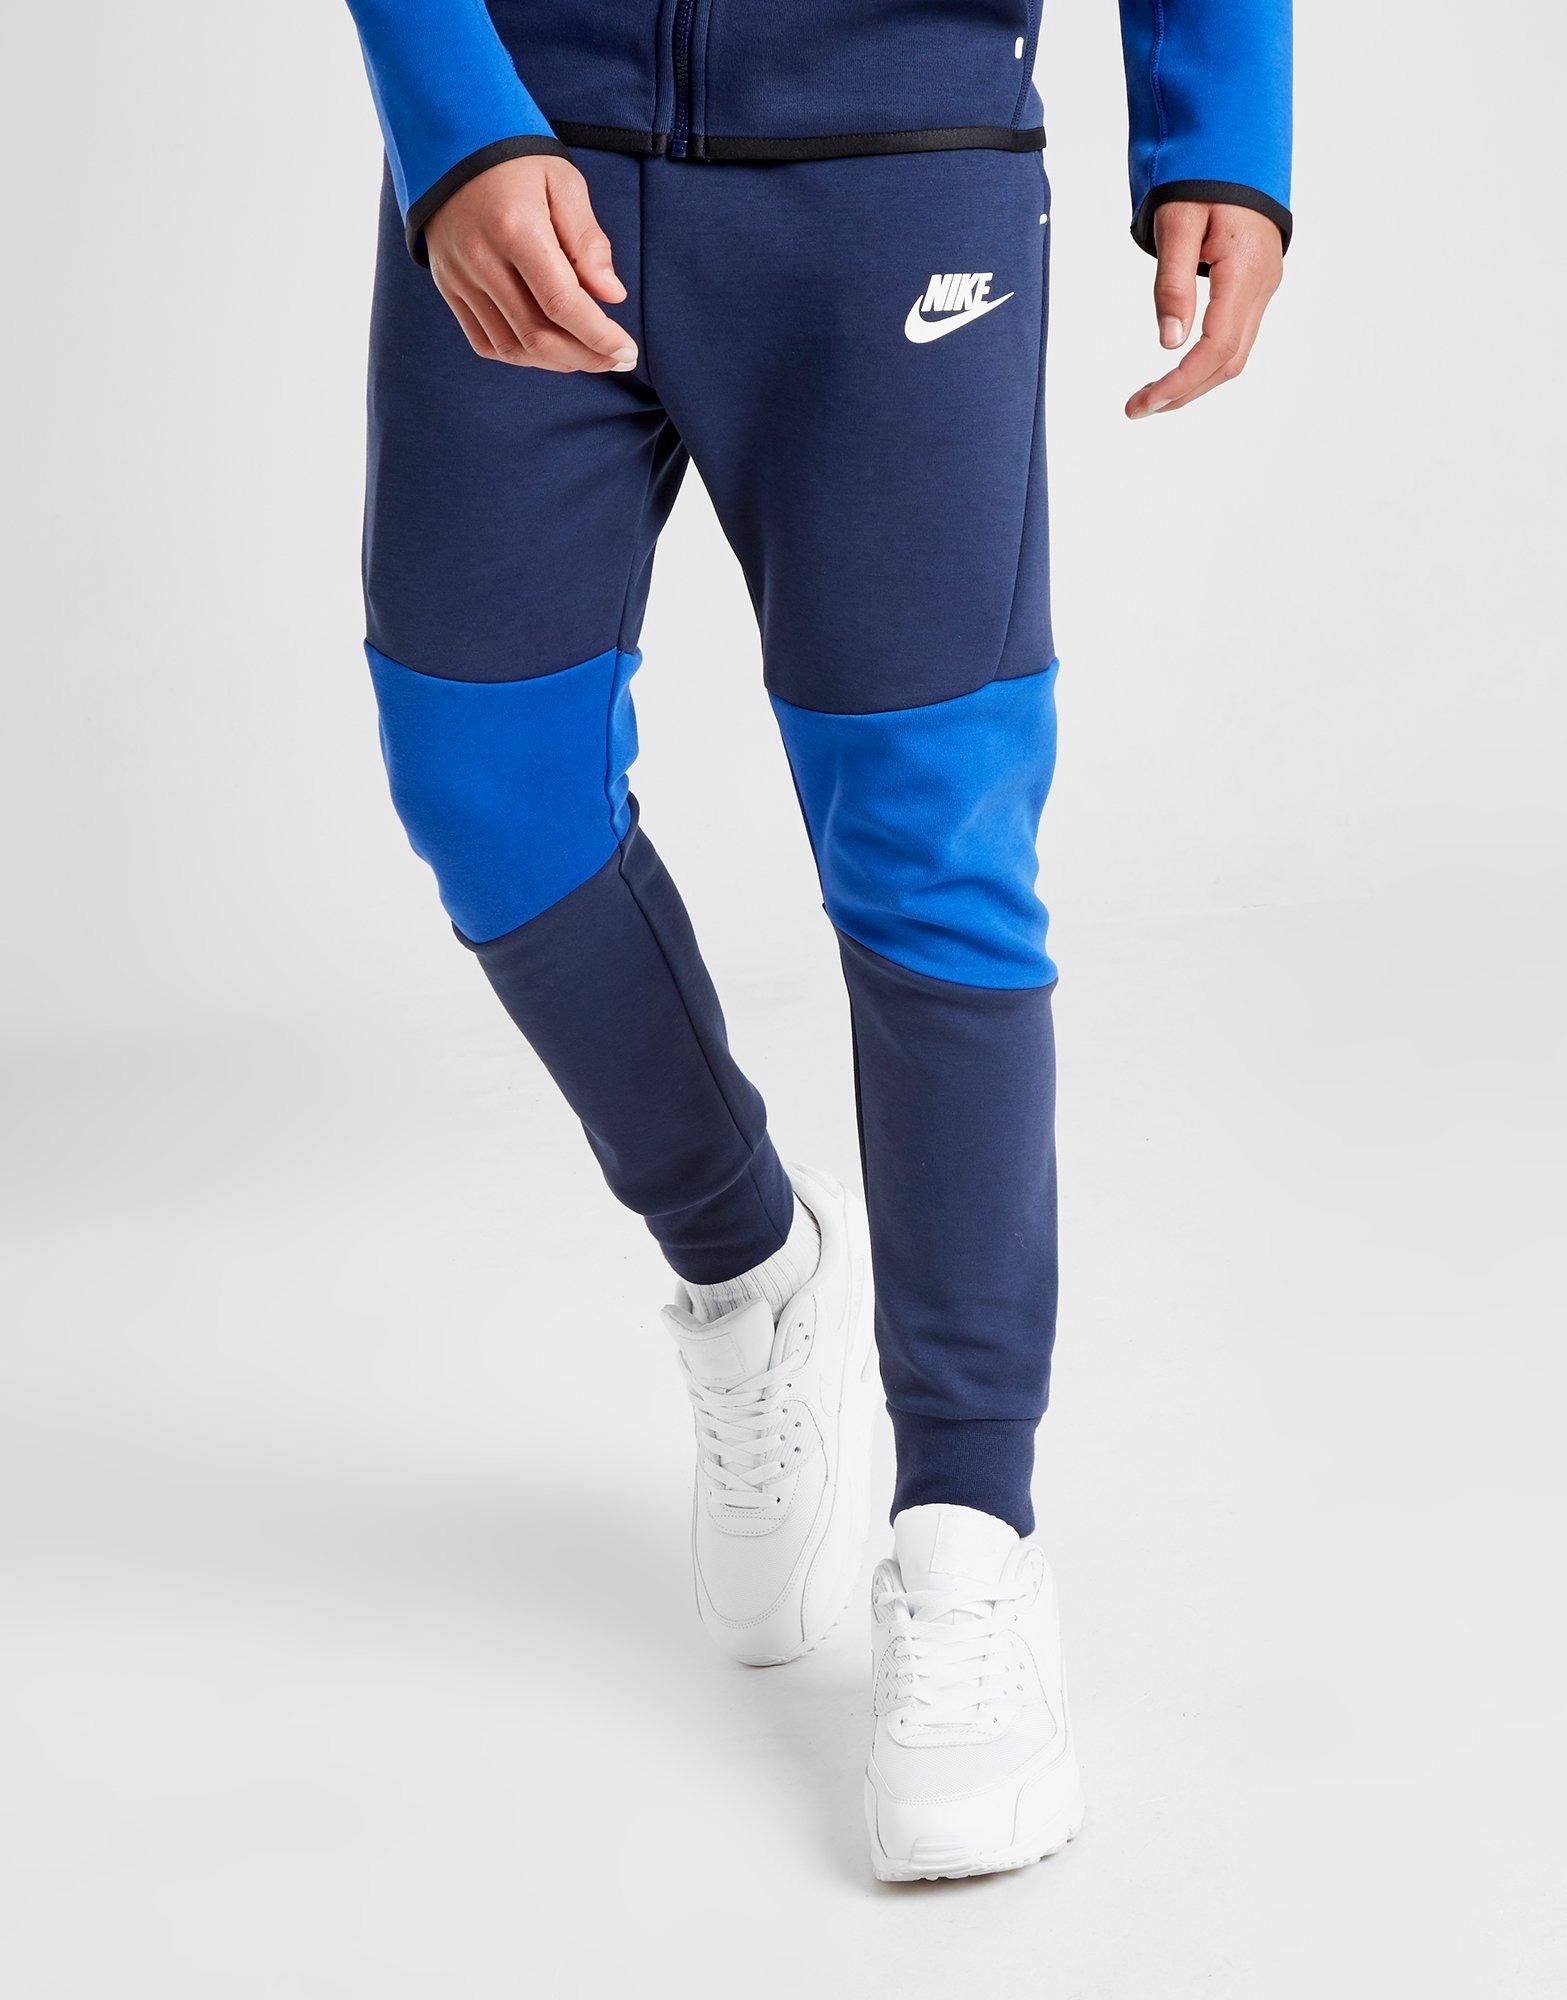 Pantalon de survêtement Nike Tech Fleece pour homme Bicolore